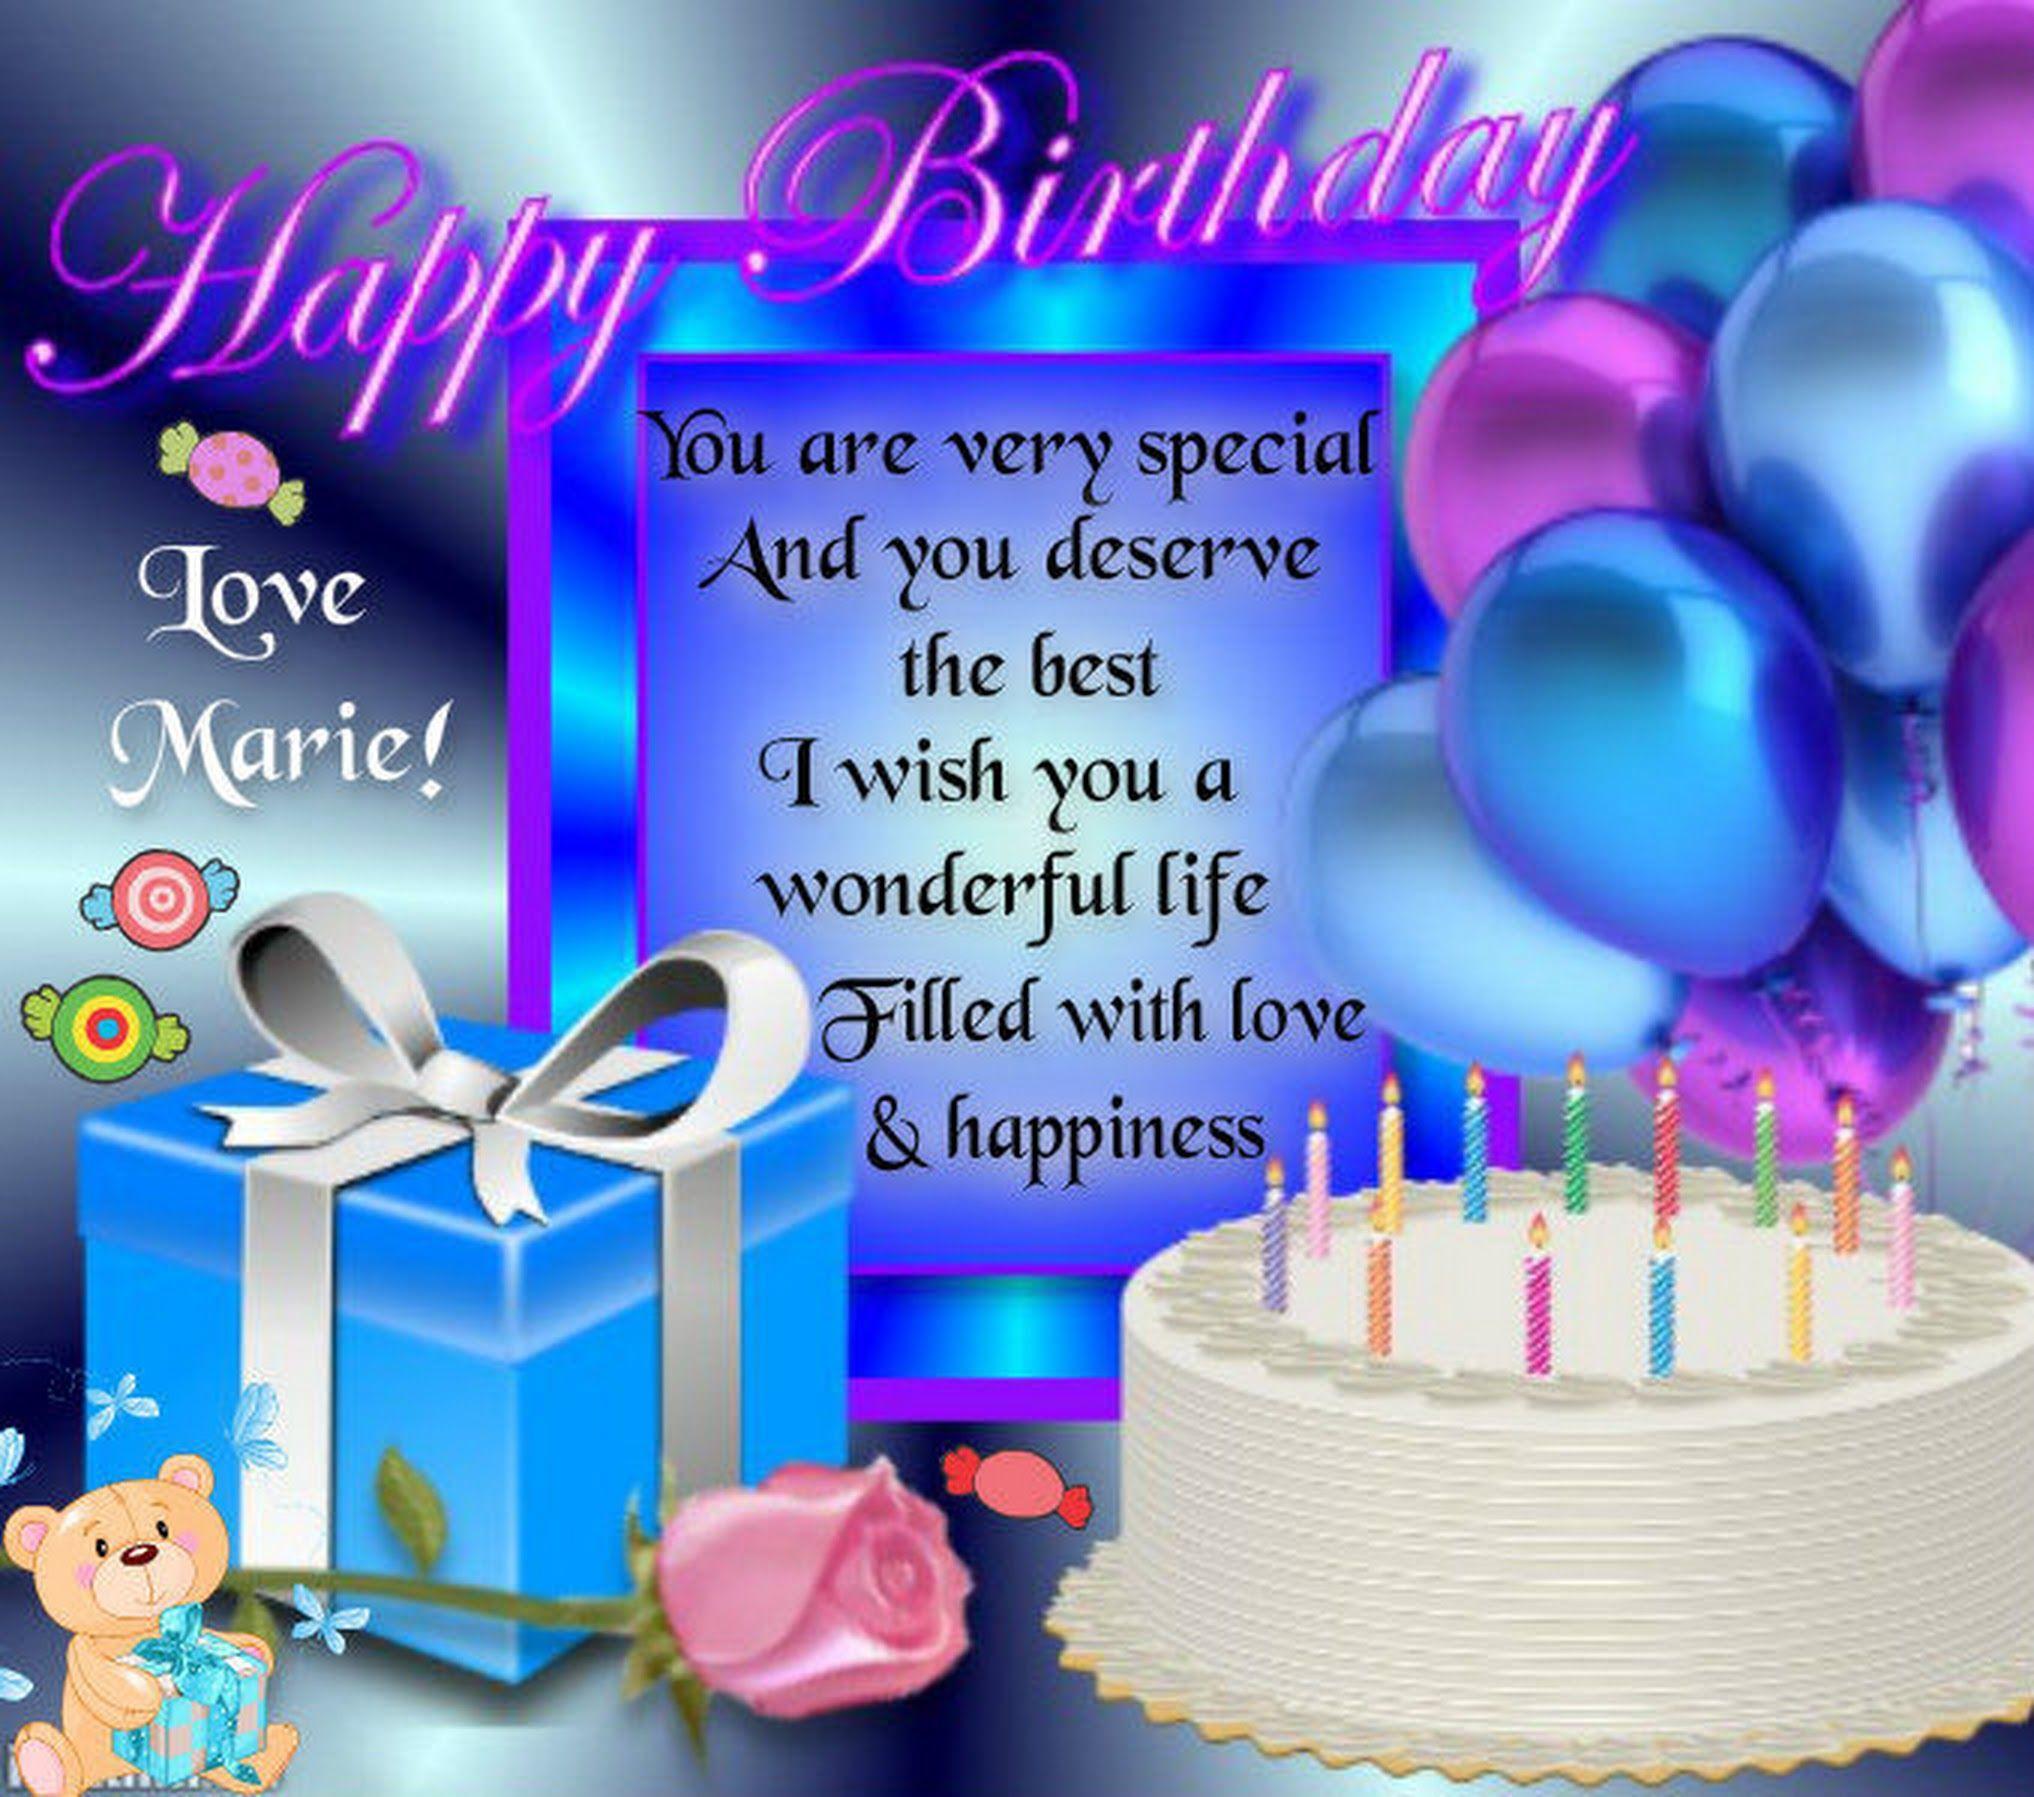 Сообщения поздравления на день рождения